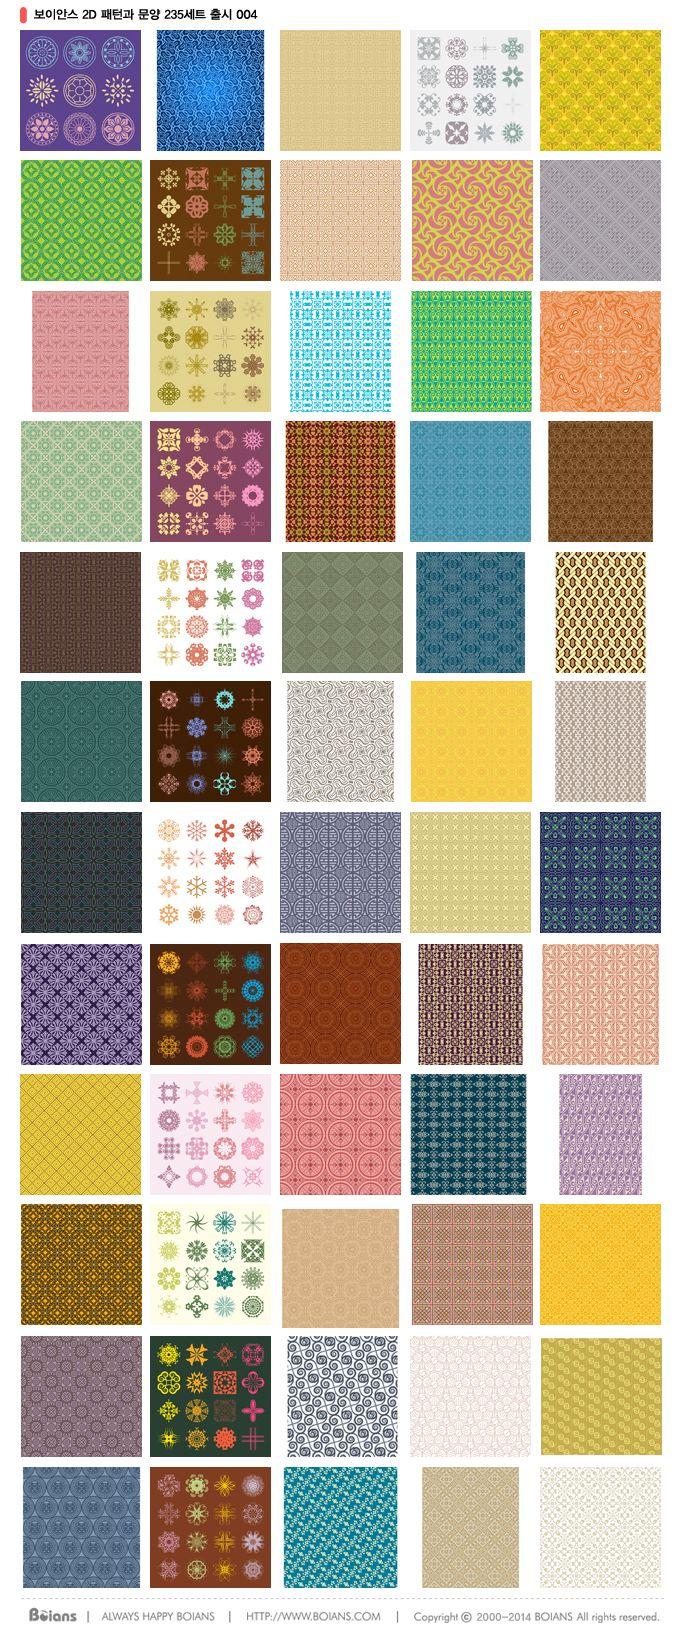 보이안스 한국 전통문양과 패턴디자인 237종 출시. New Launched Korean traditional Pattern and Symbol Design 237 Sets. Copyrightⓒ2000-2014 Boians.com designed by Boians Cho Joo Young.